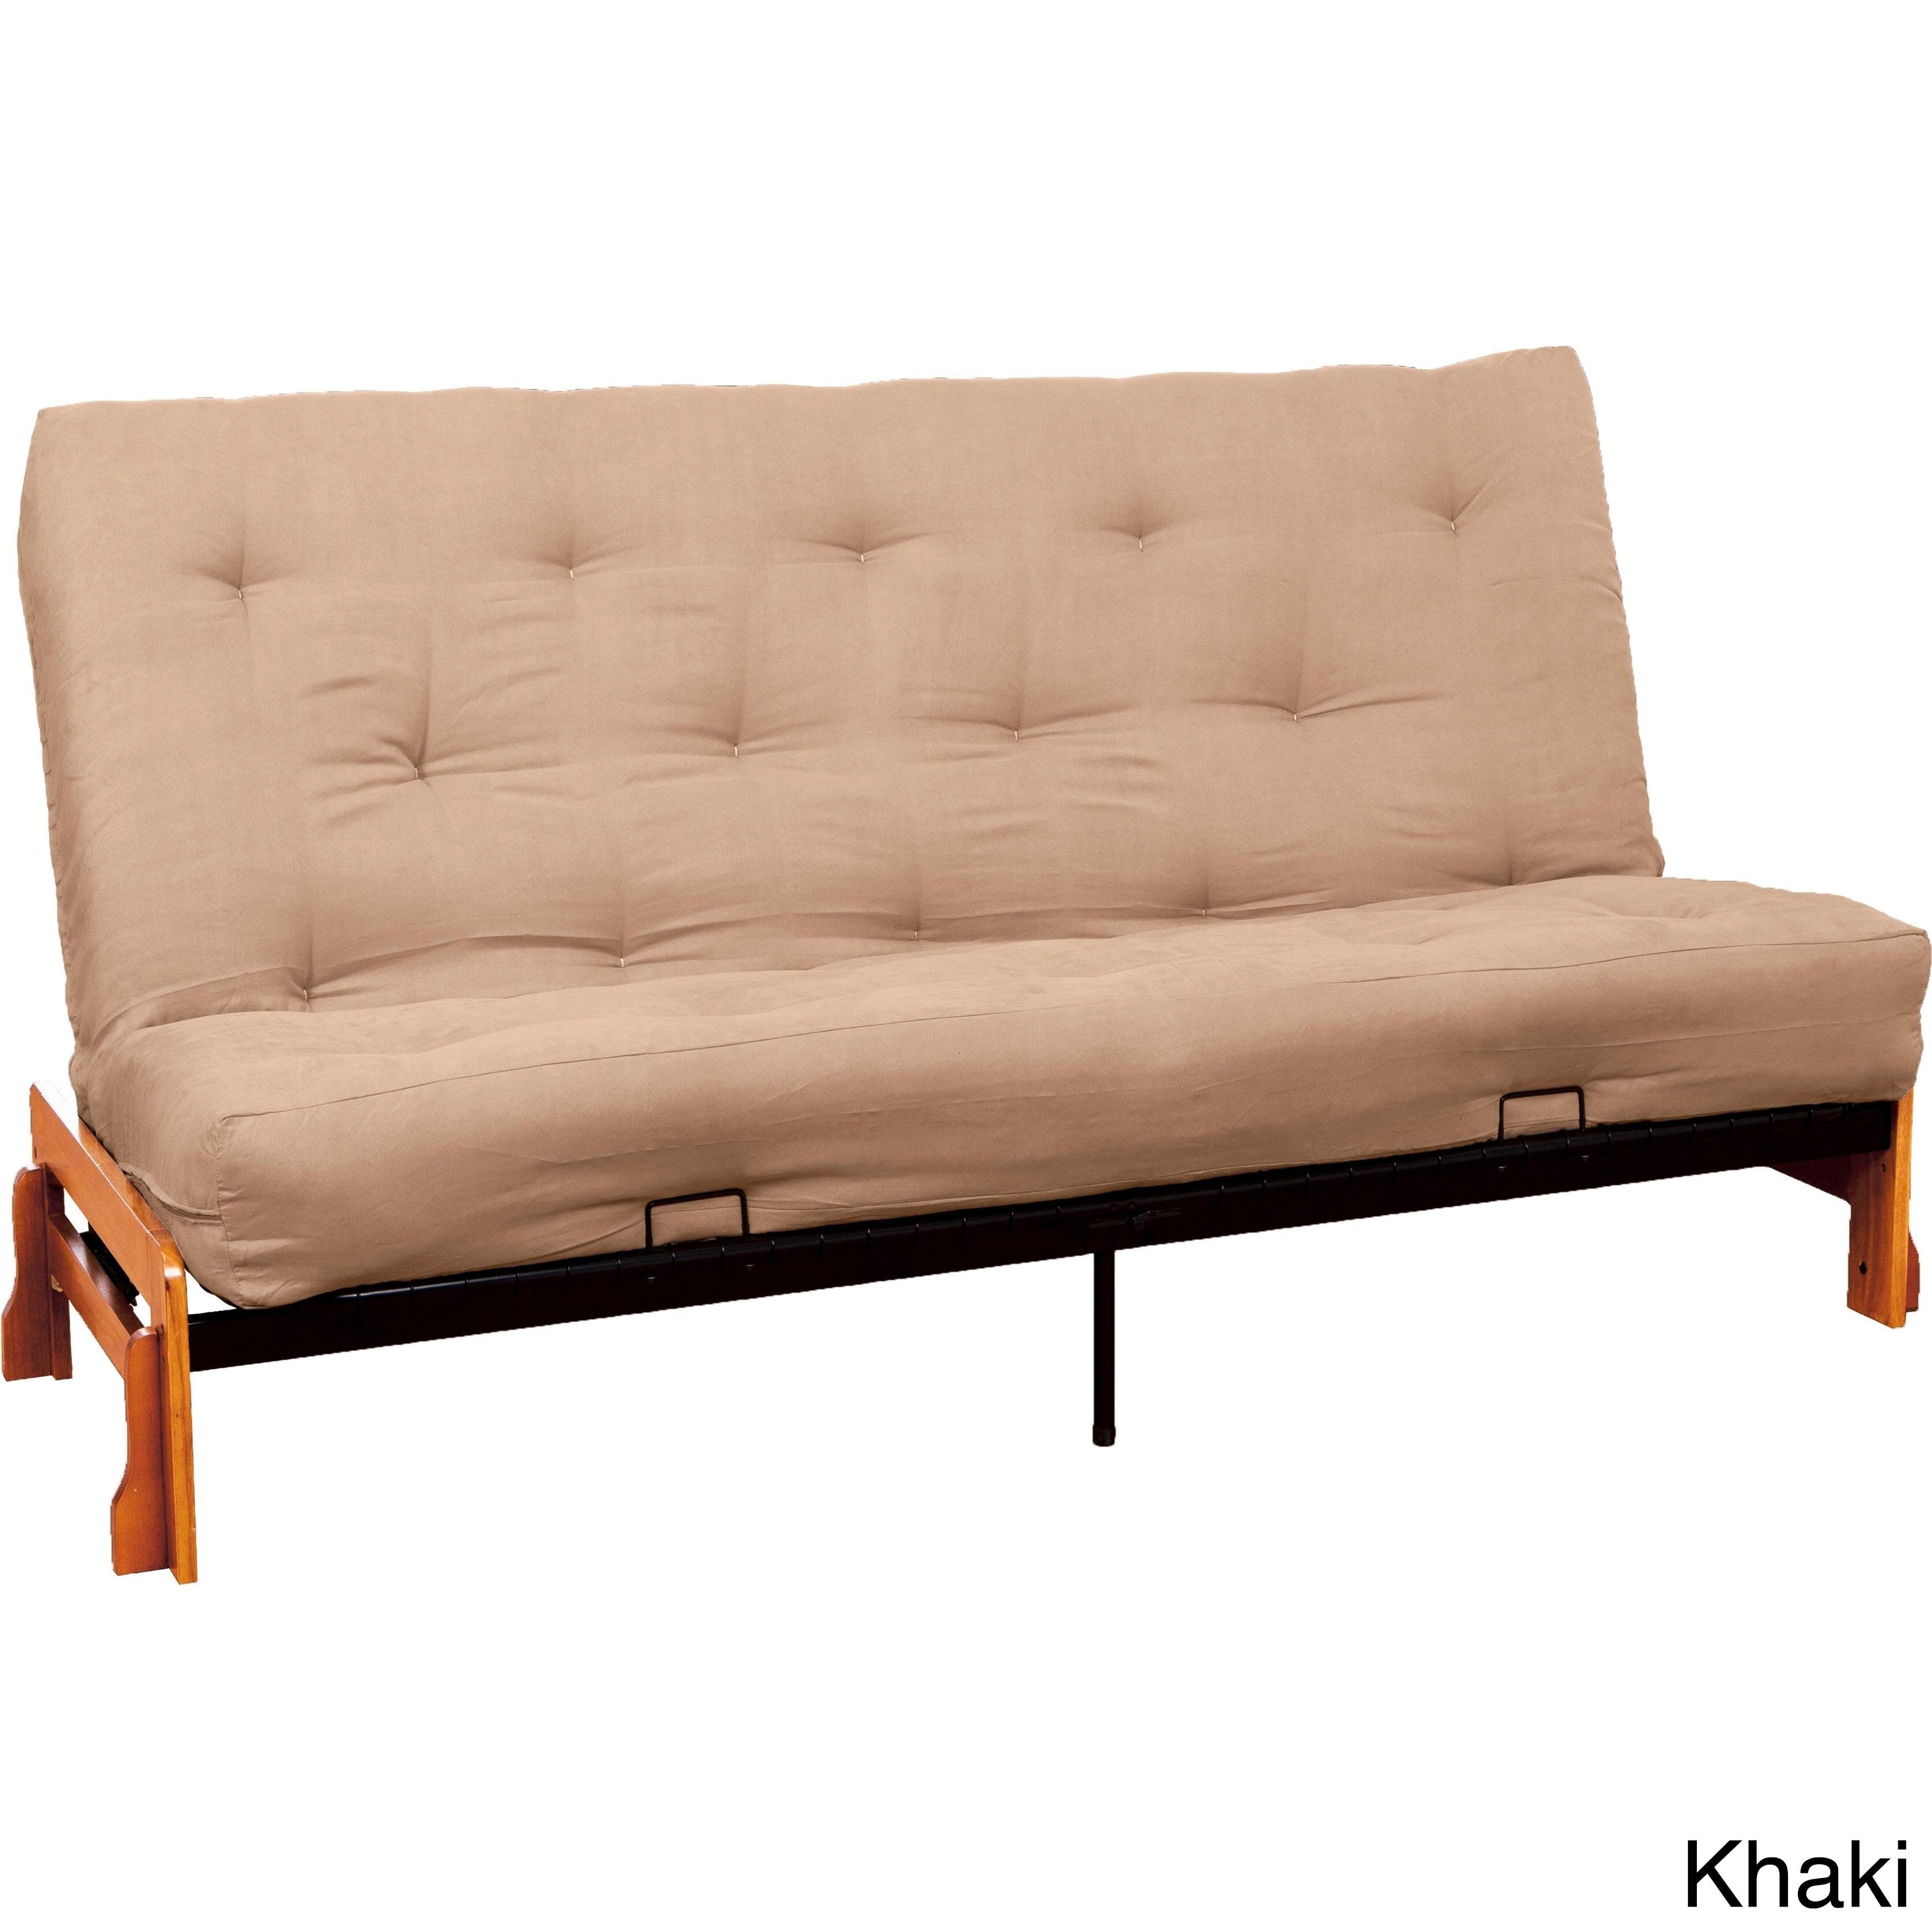 Epic Furnishings Splendor 10 inch Loft Full or Queen size Inner